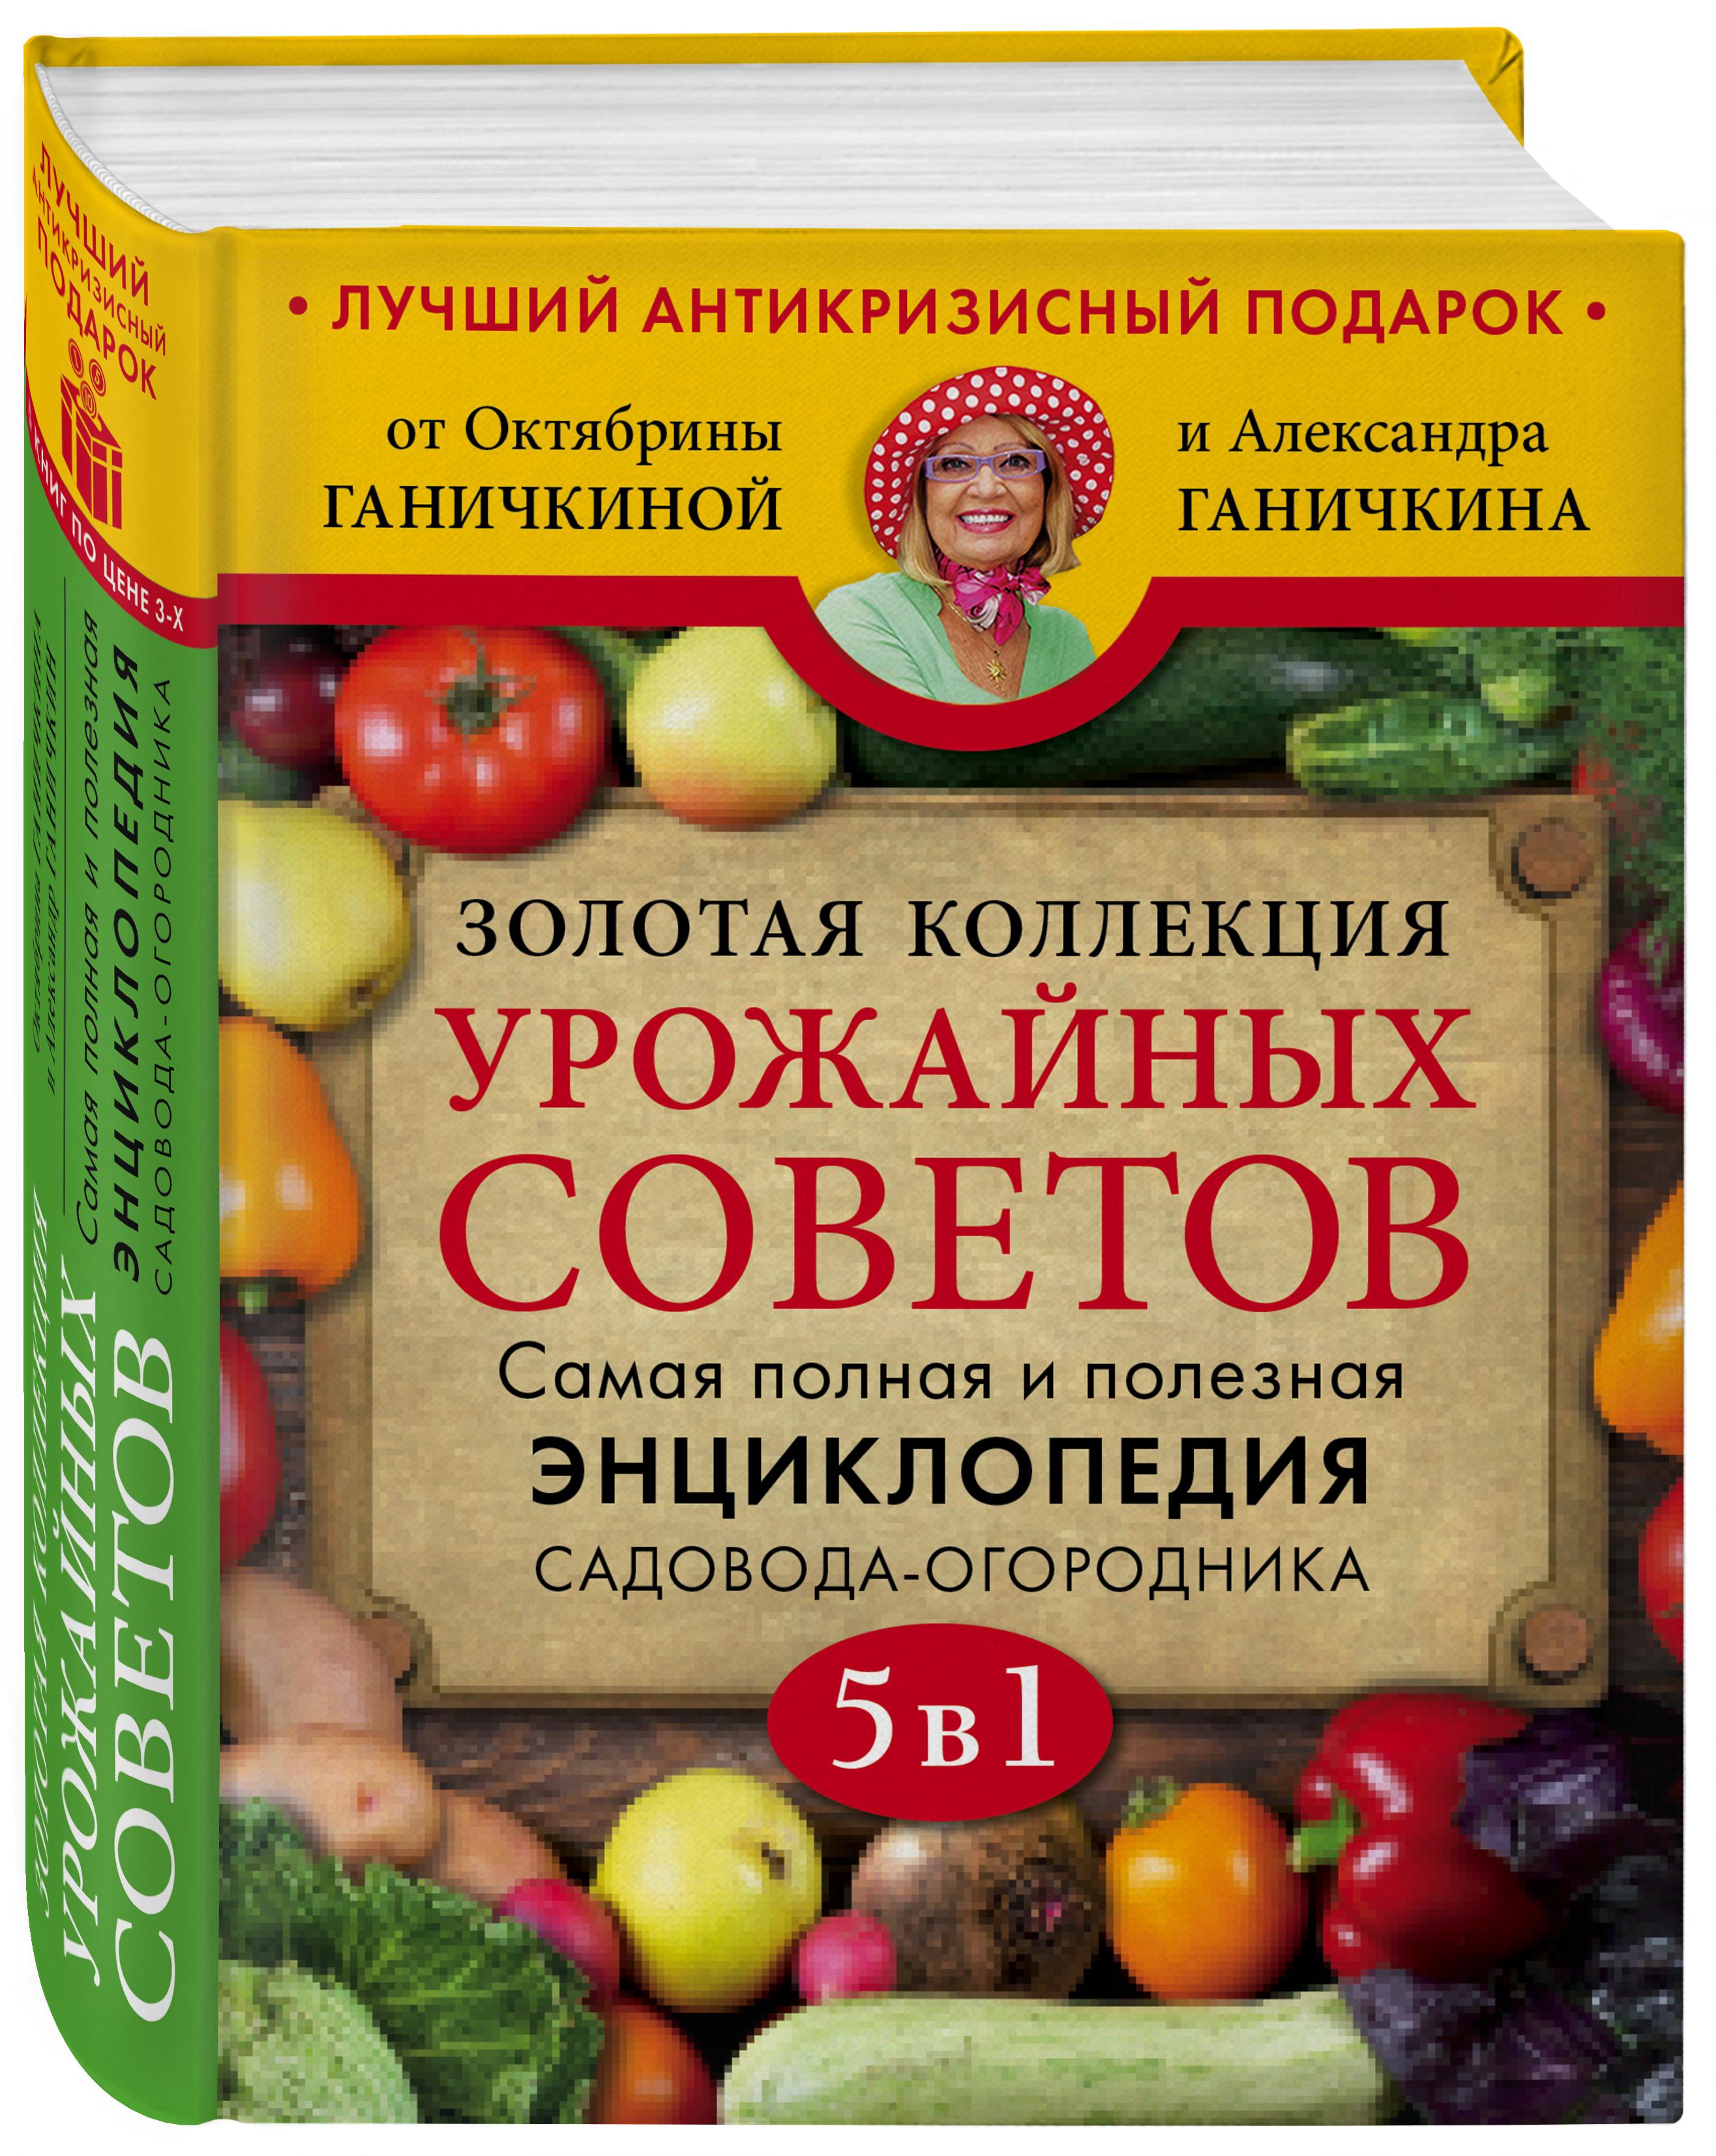 Золотая коллекция урожайных советов